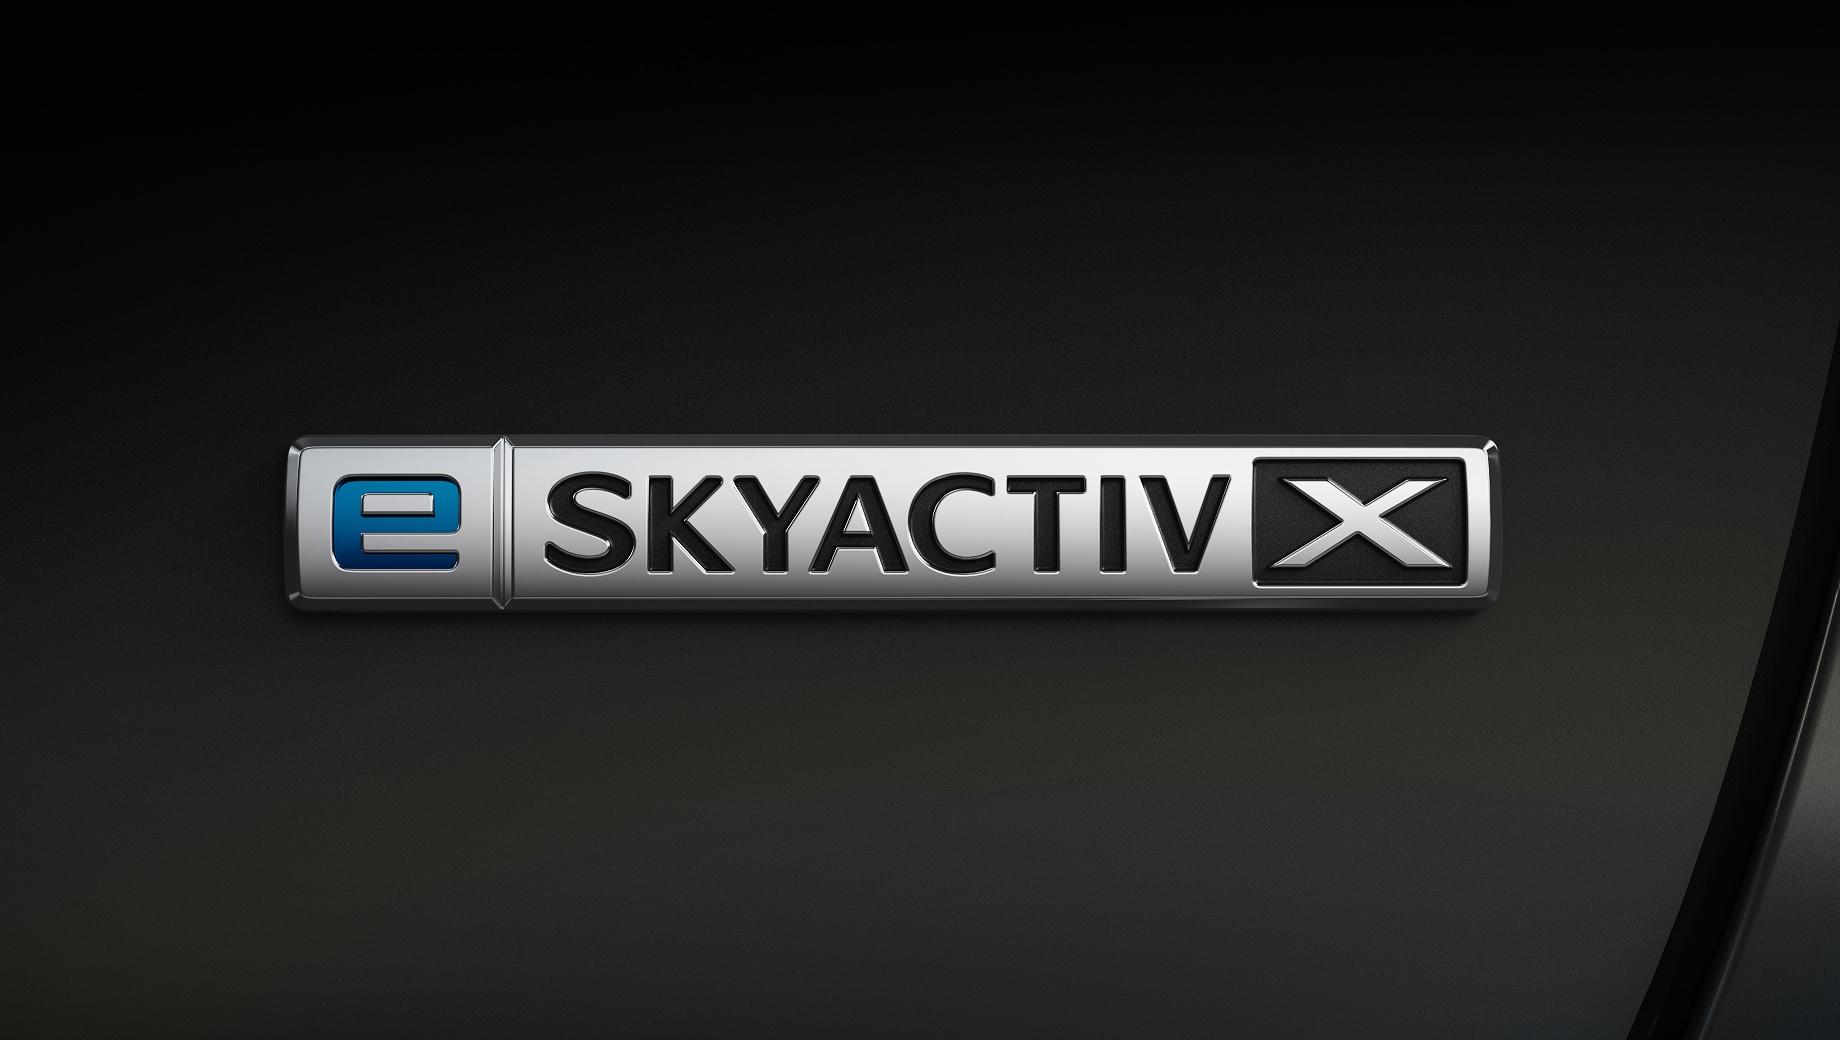 Mazda 3,Mazda cx-30. После модернизации компрессорный двигатель e-Skyactiv X стал тяговитее на низких и средних оборотах, а новый распредвал позволил пересмотреть фазы газораспределения, что снизило насосные потери и увеличило удельную теплоёмкость агрегата. Всё ради большей экономичности.